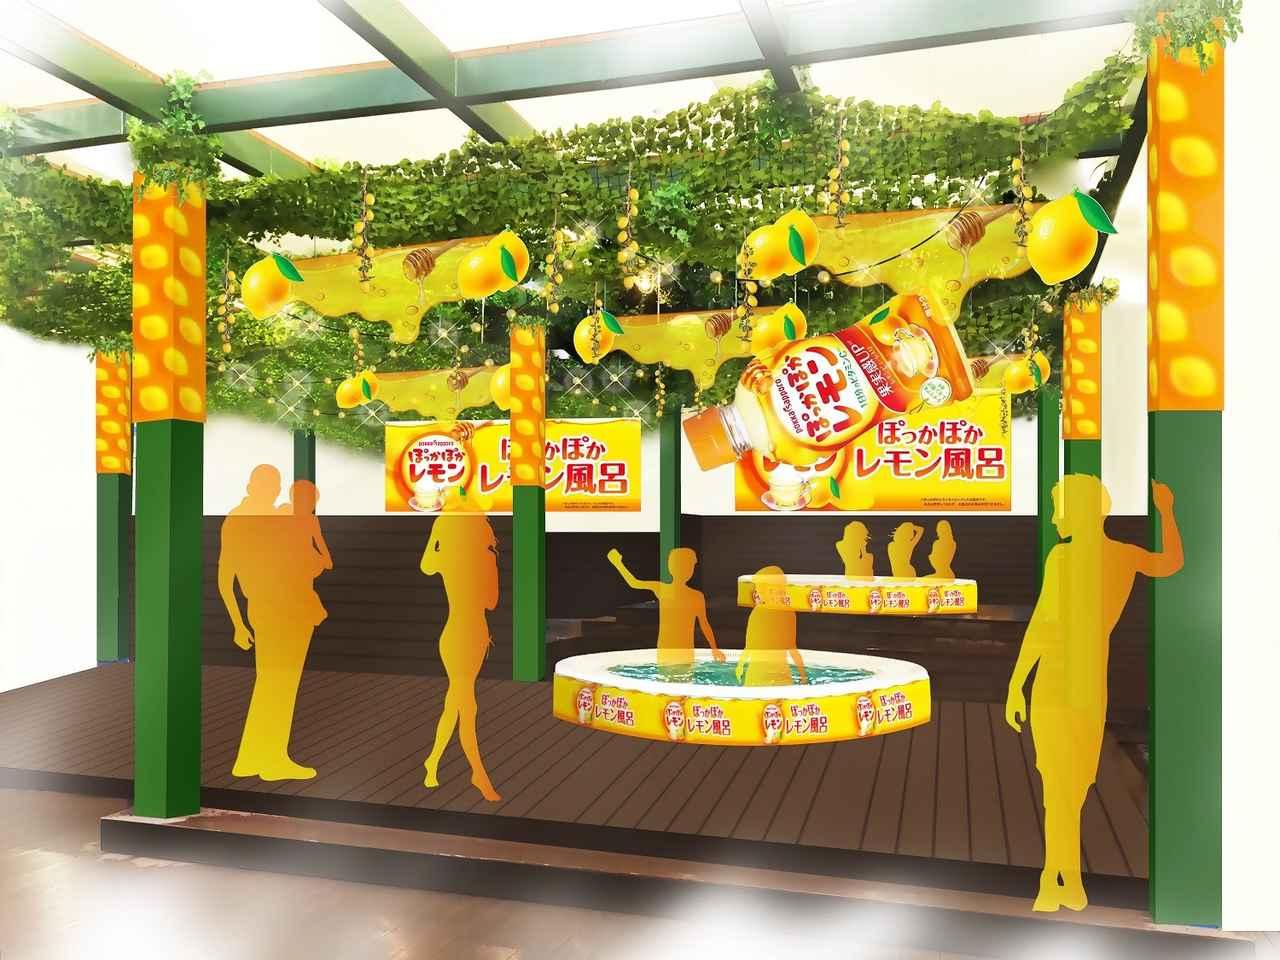 画像: 冬の乾燥する季節に「はちみつ」「ビタミンC」配合の「ぽっかぽかレモン風呂」はいかが?